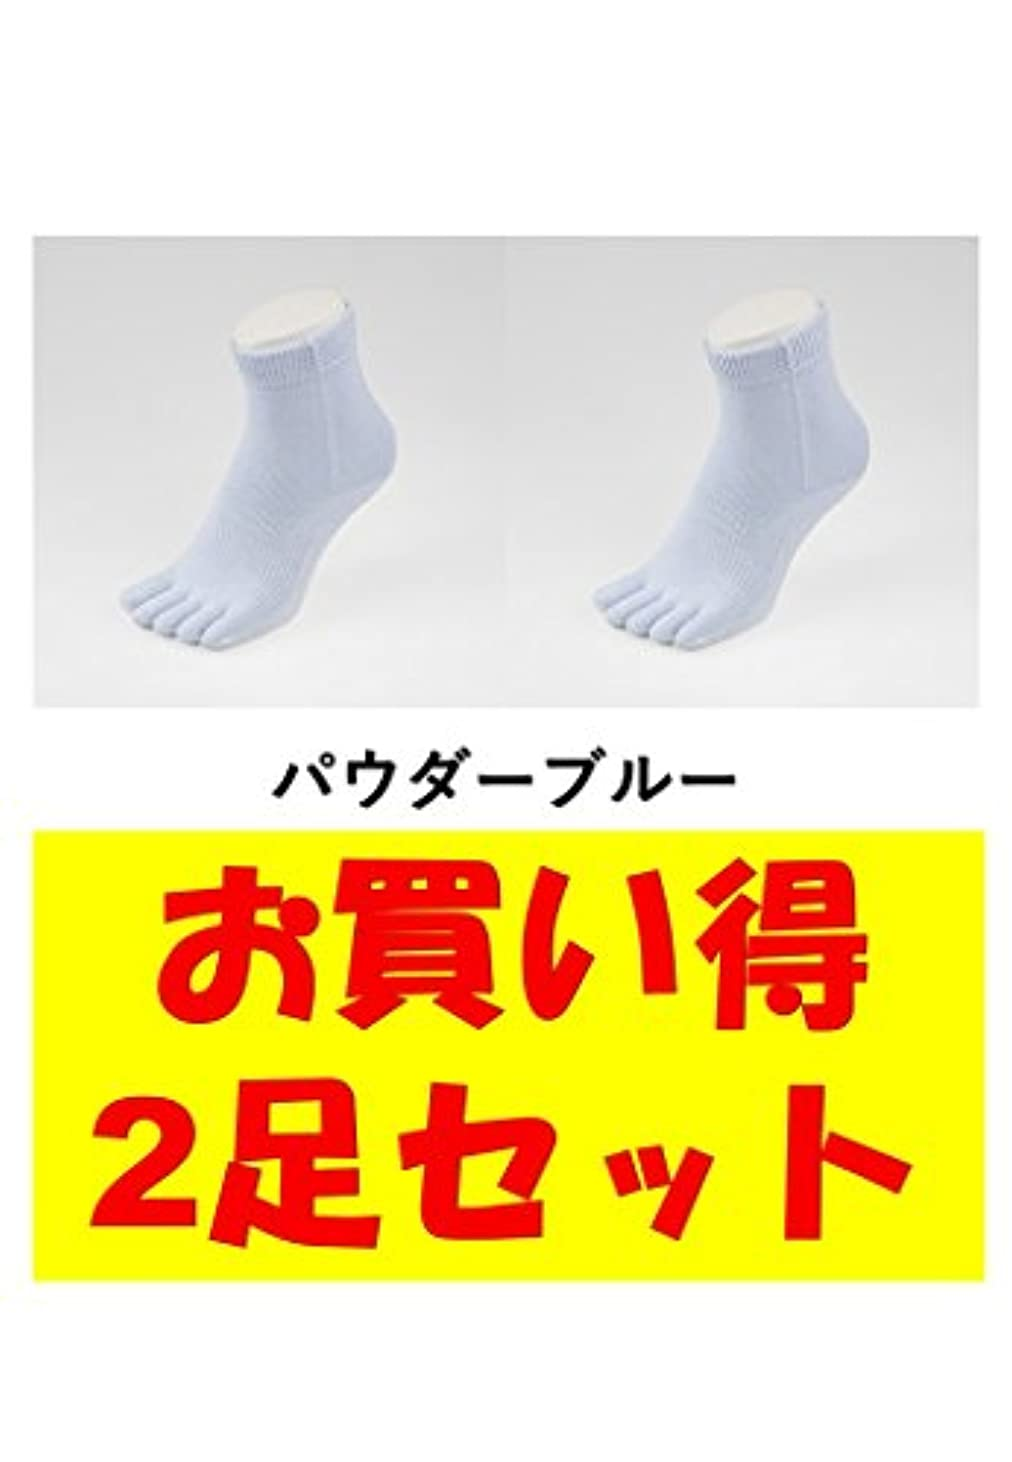 凍る放棄するもお買い得2足セット 5本指 ゆびのばソックス Neo EVE(イヴ) パウダーブルー Sサイズ(21.0cm - 24.0cm) YSNEVE-PBL